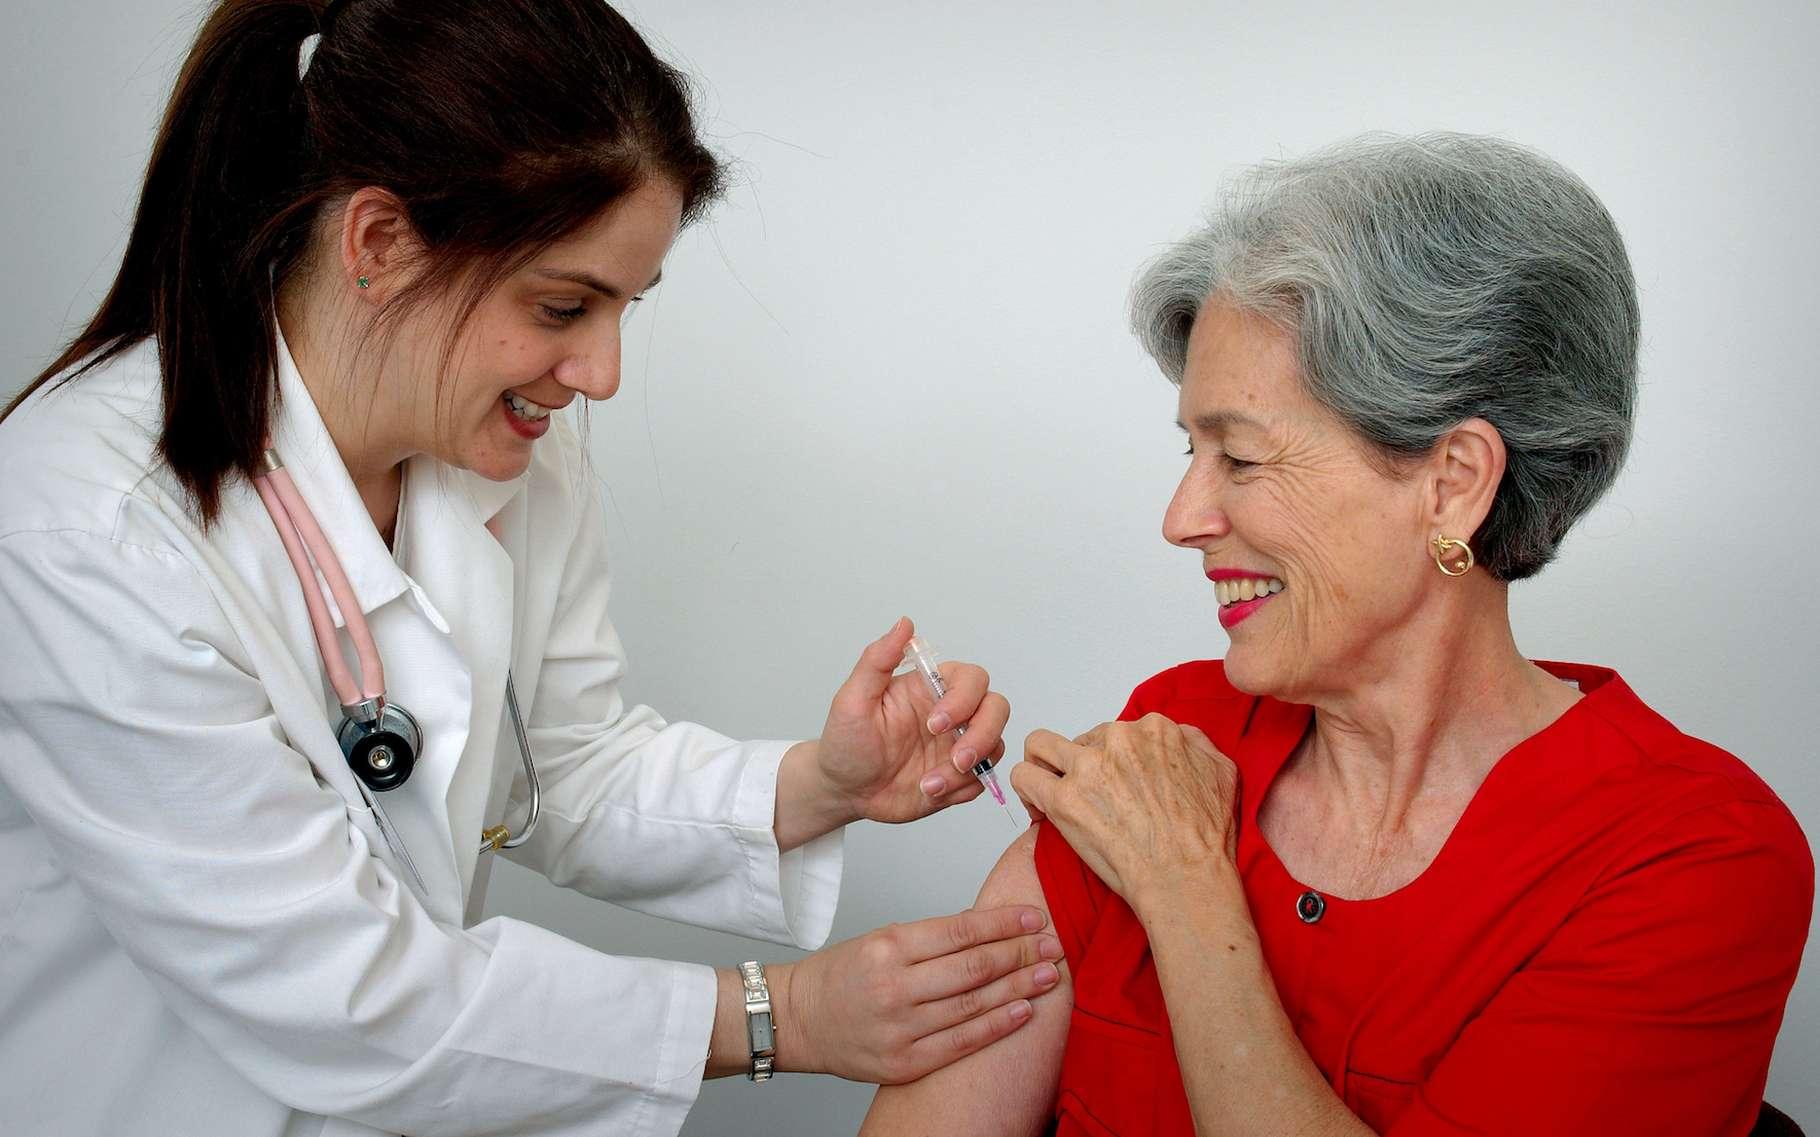 La campagne nationale de vaccination s'adresse aux 11 millions de personnes âgées ou fragilisées par certaines maladies chroniques et aussi aux femmes enceintes qui peuvent se faire vacciner gratuitement. Neuf à 14 jours sont nécessaires pour être immunisé. © James Gathany, Judy Schmidt, USCDCP, Pixnio